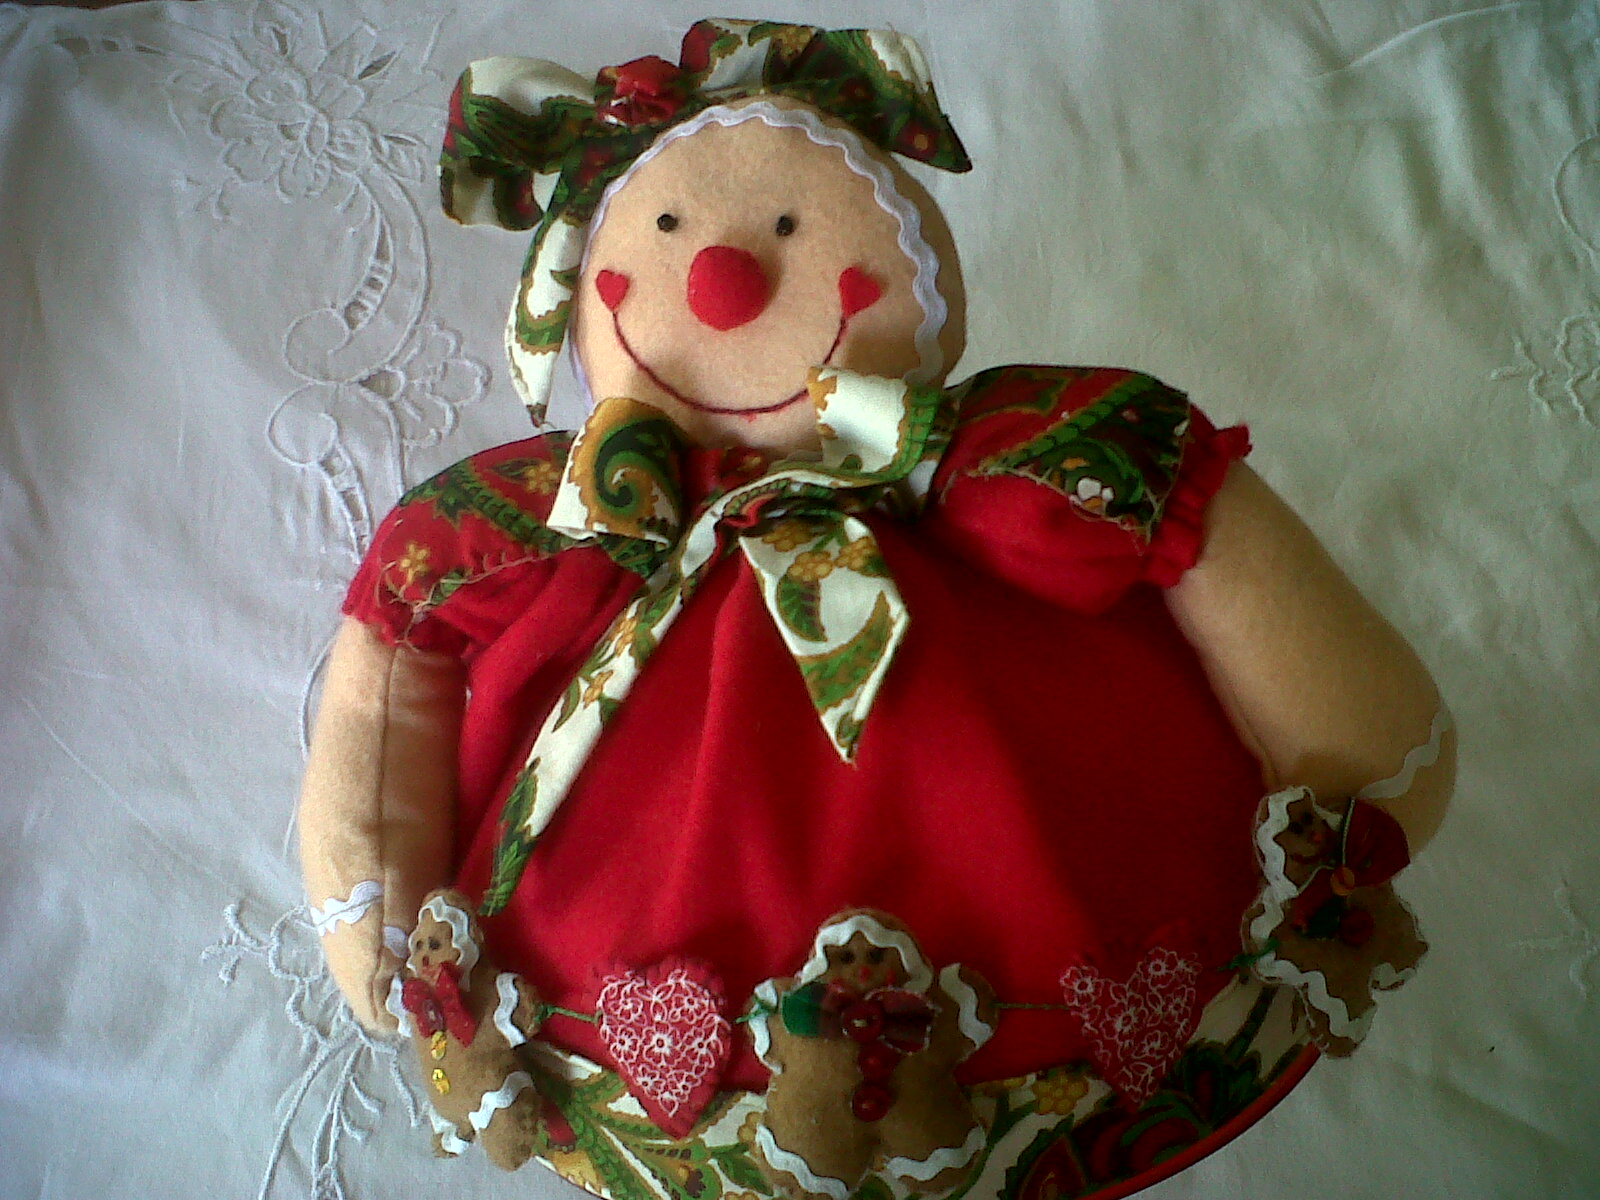 Adornos navide os galleta de jengibre elaborada en - Adornos navidenos en tela ...